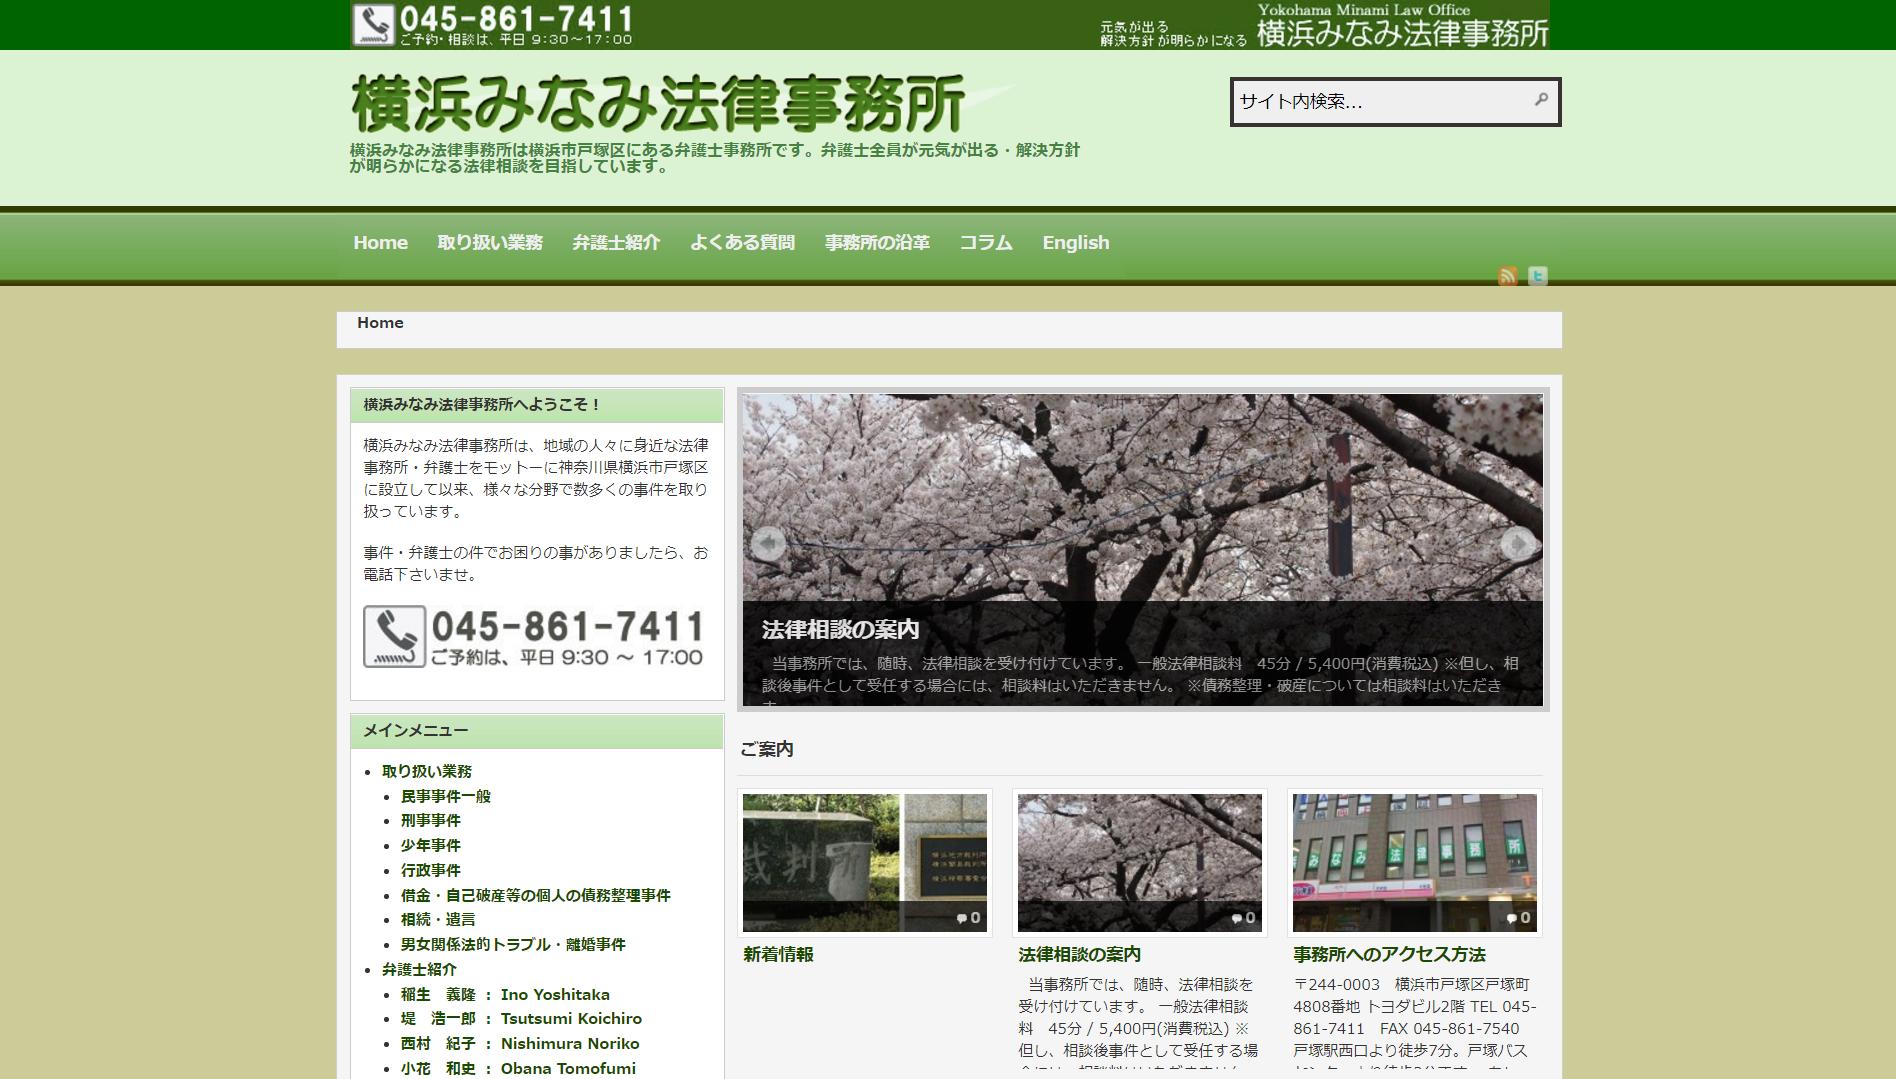 横浜みなみ法律事務所(神奈川県横浜市戸塚区)